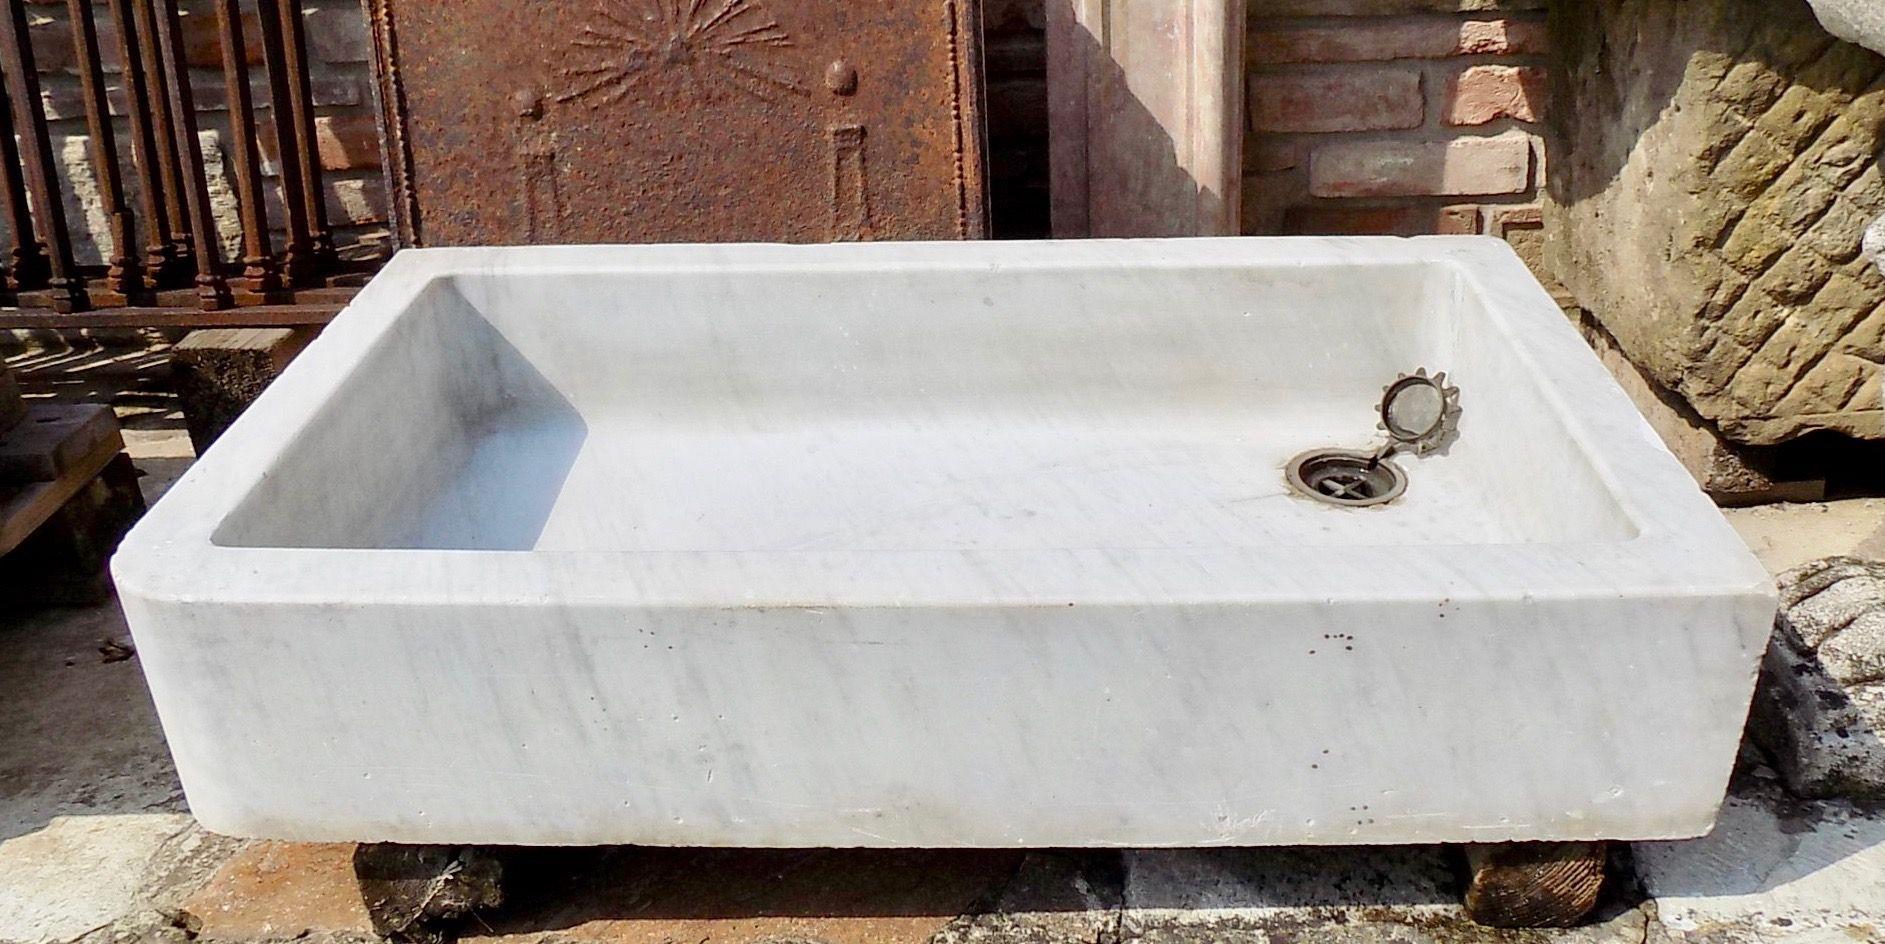 Vecchio Materiale Da Copertura lavandino in marmo bianco originale vecchio di recupero (con